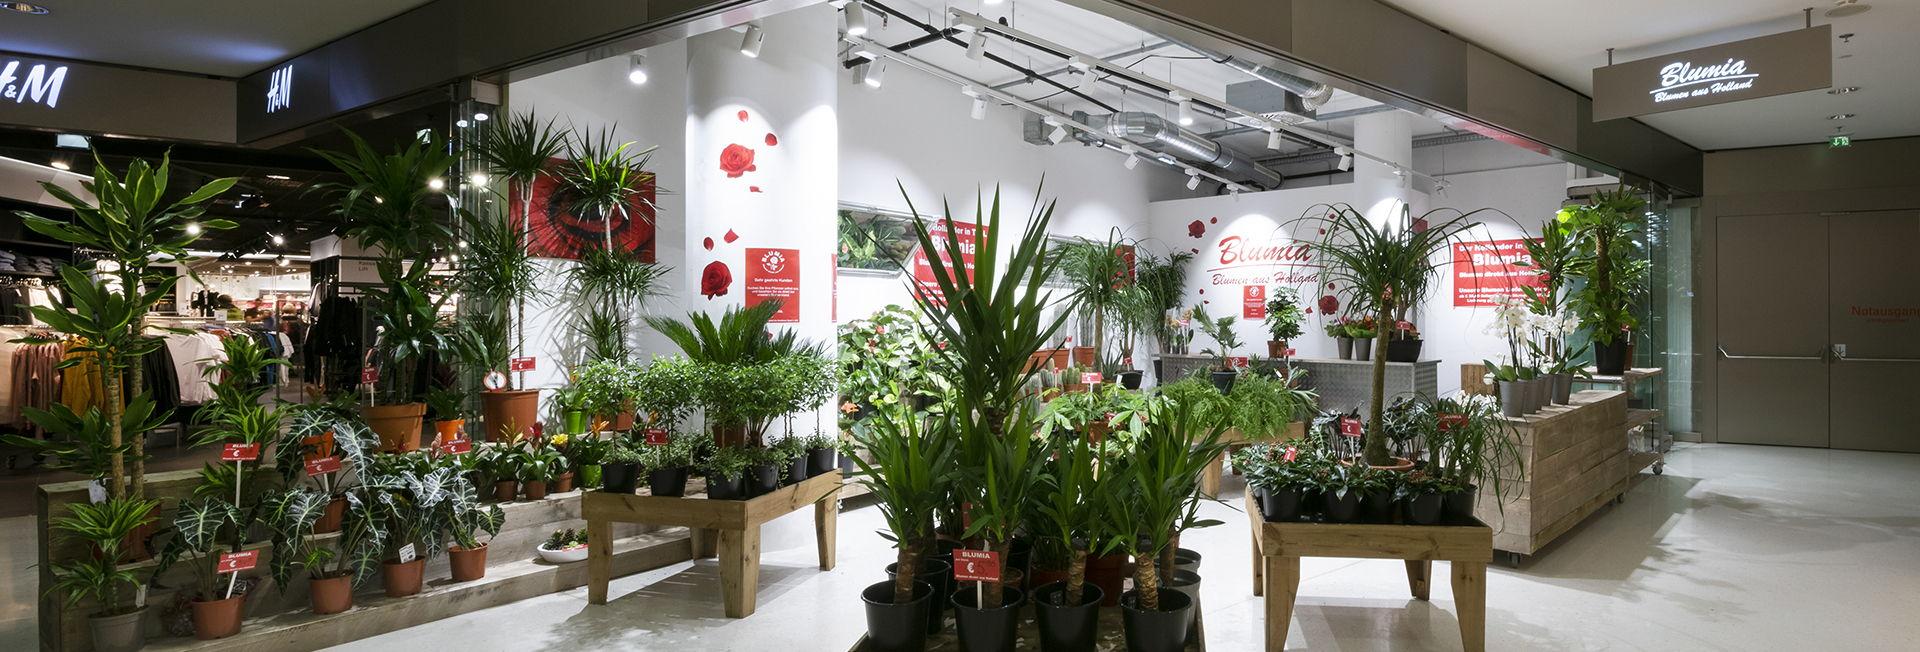 Blumia - frische Blumen aus Holland im Kaufhaus Tyrol